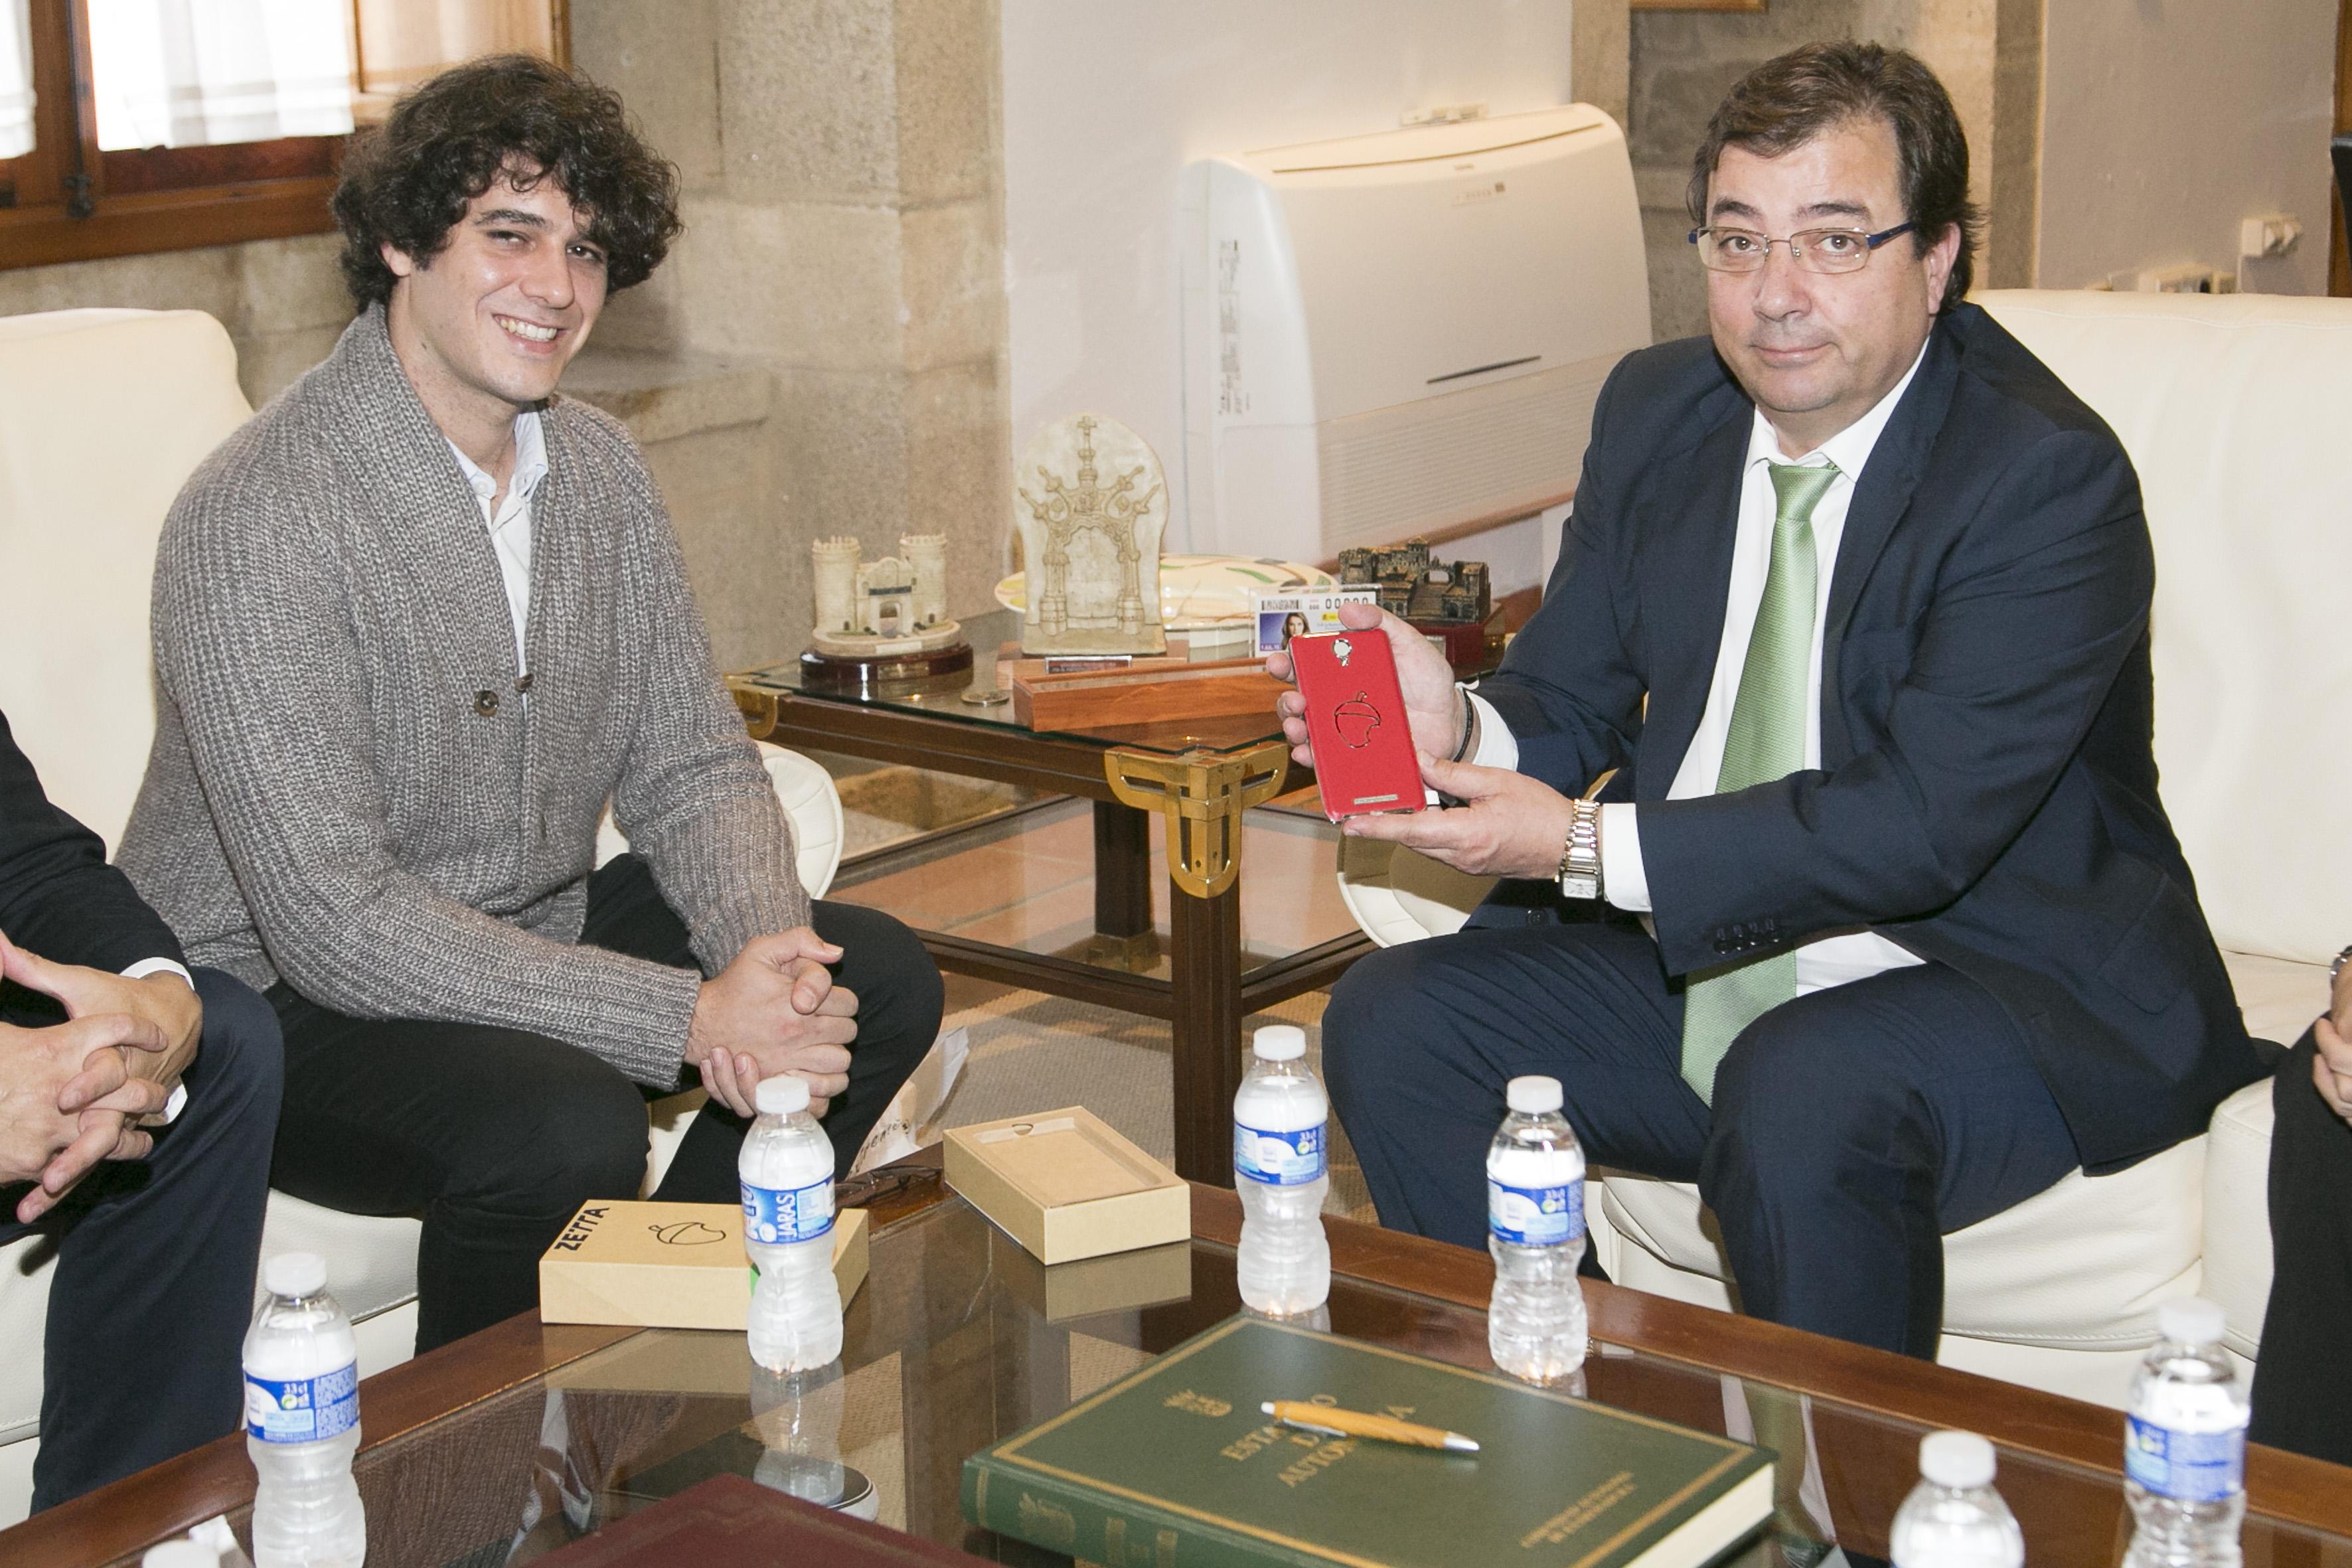 El presidente extremeño, Guillermo Fernández Vara, posa con su móvil Zetta junto a Unai Nieto, al que los medios presentaban como el Steve Jobs extremeño.